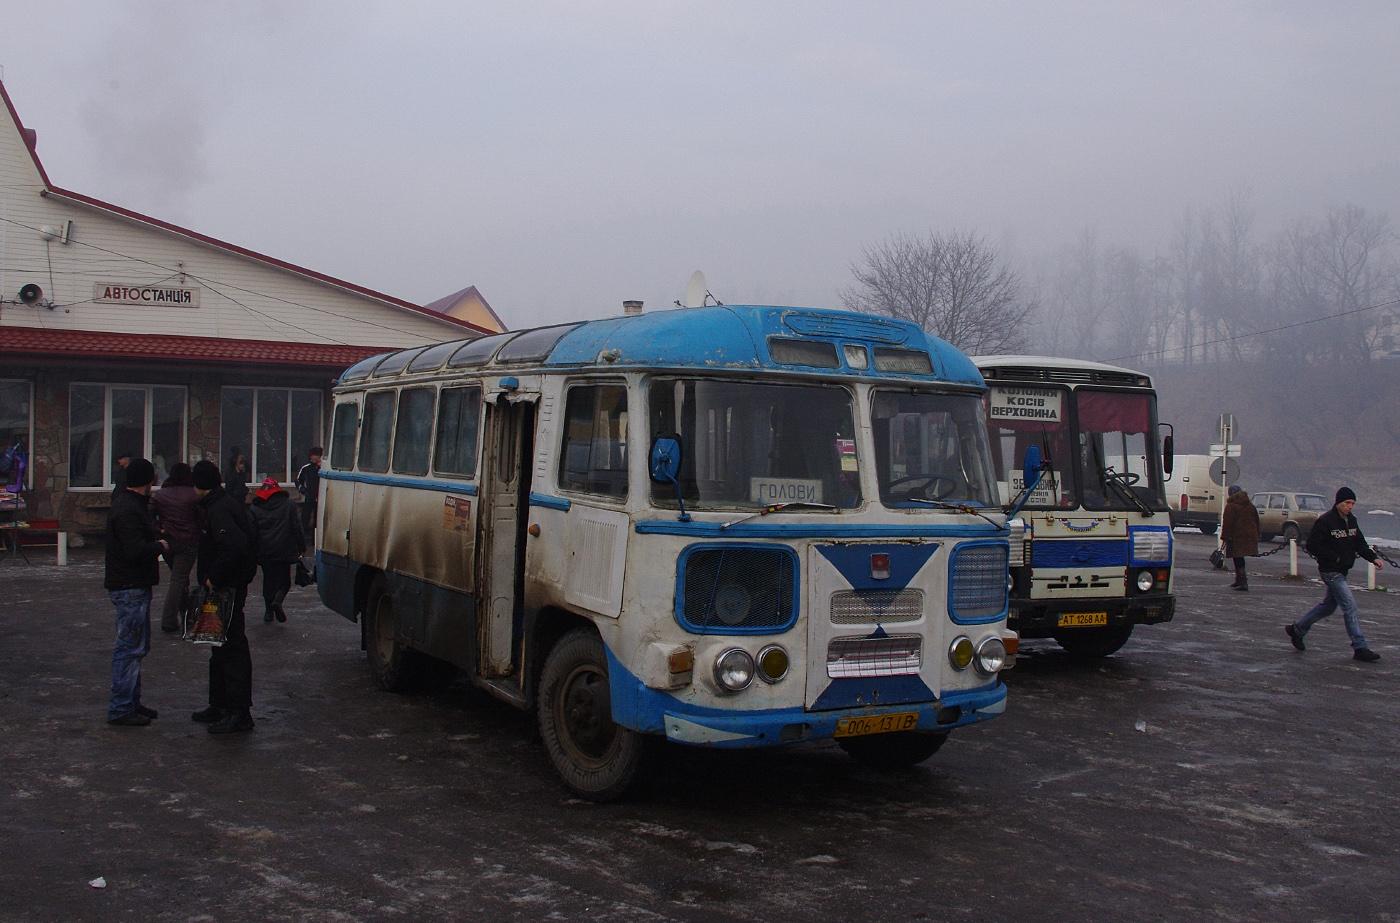 ПАЗ-672М №006-13 ІВ, маршрут Верховина - Голови. Івано-Франківська область, Верховина